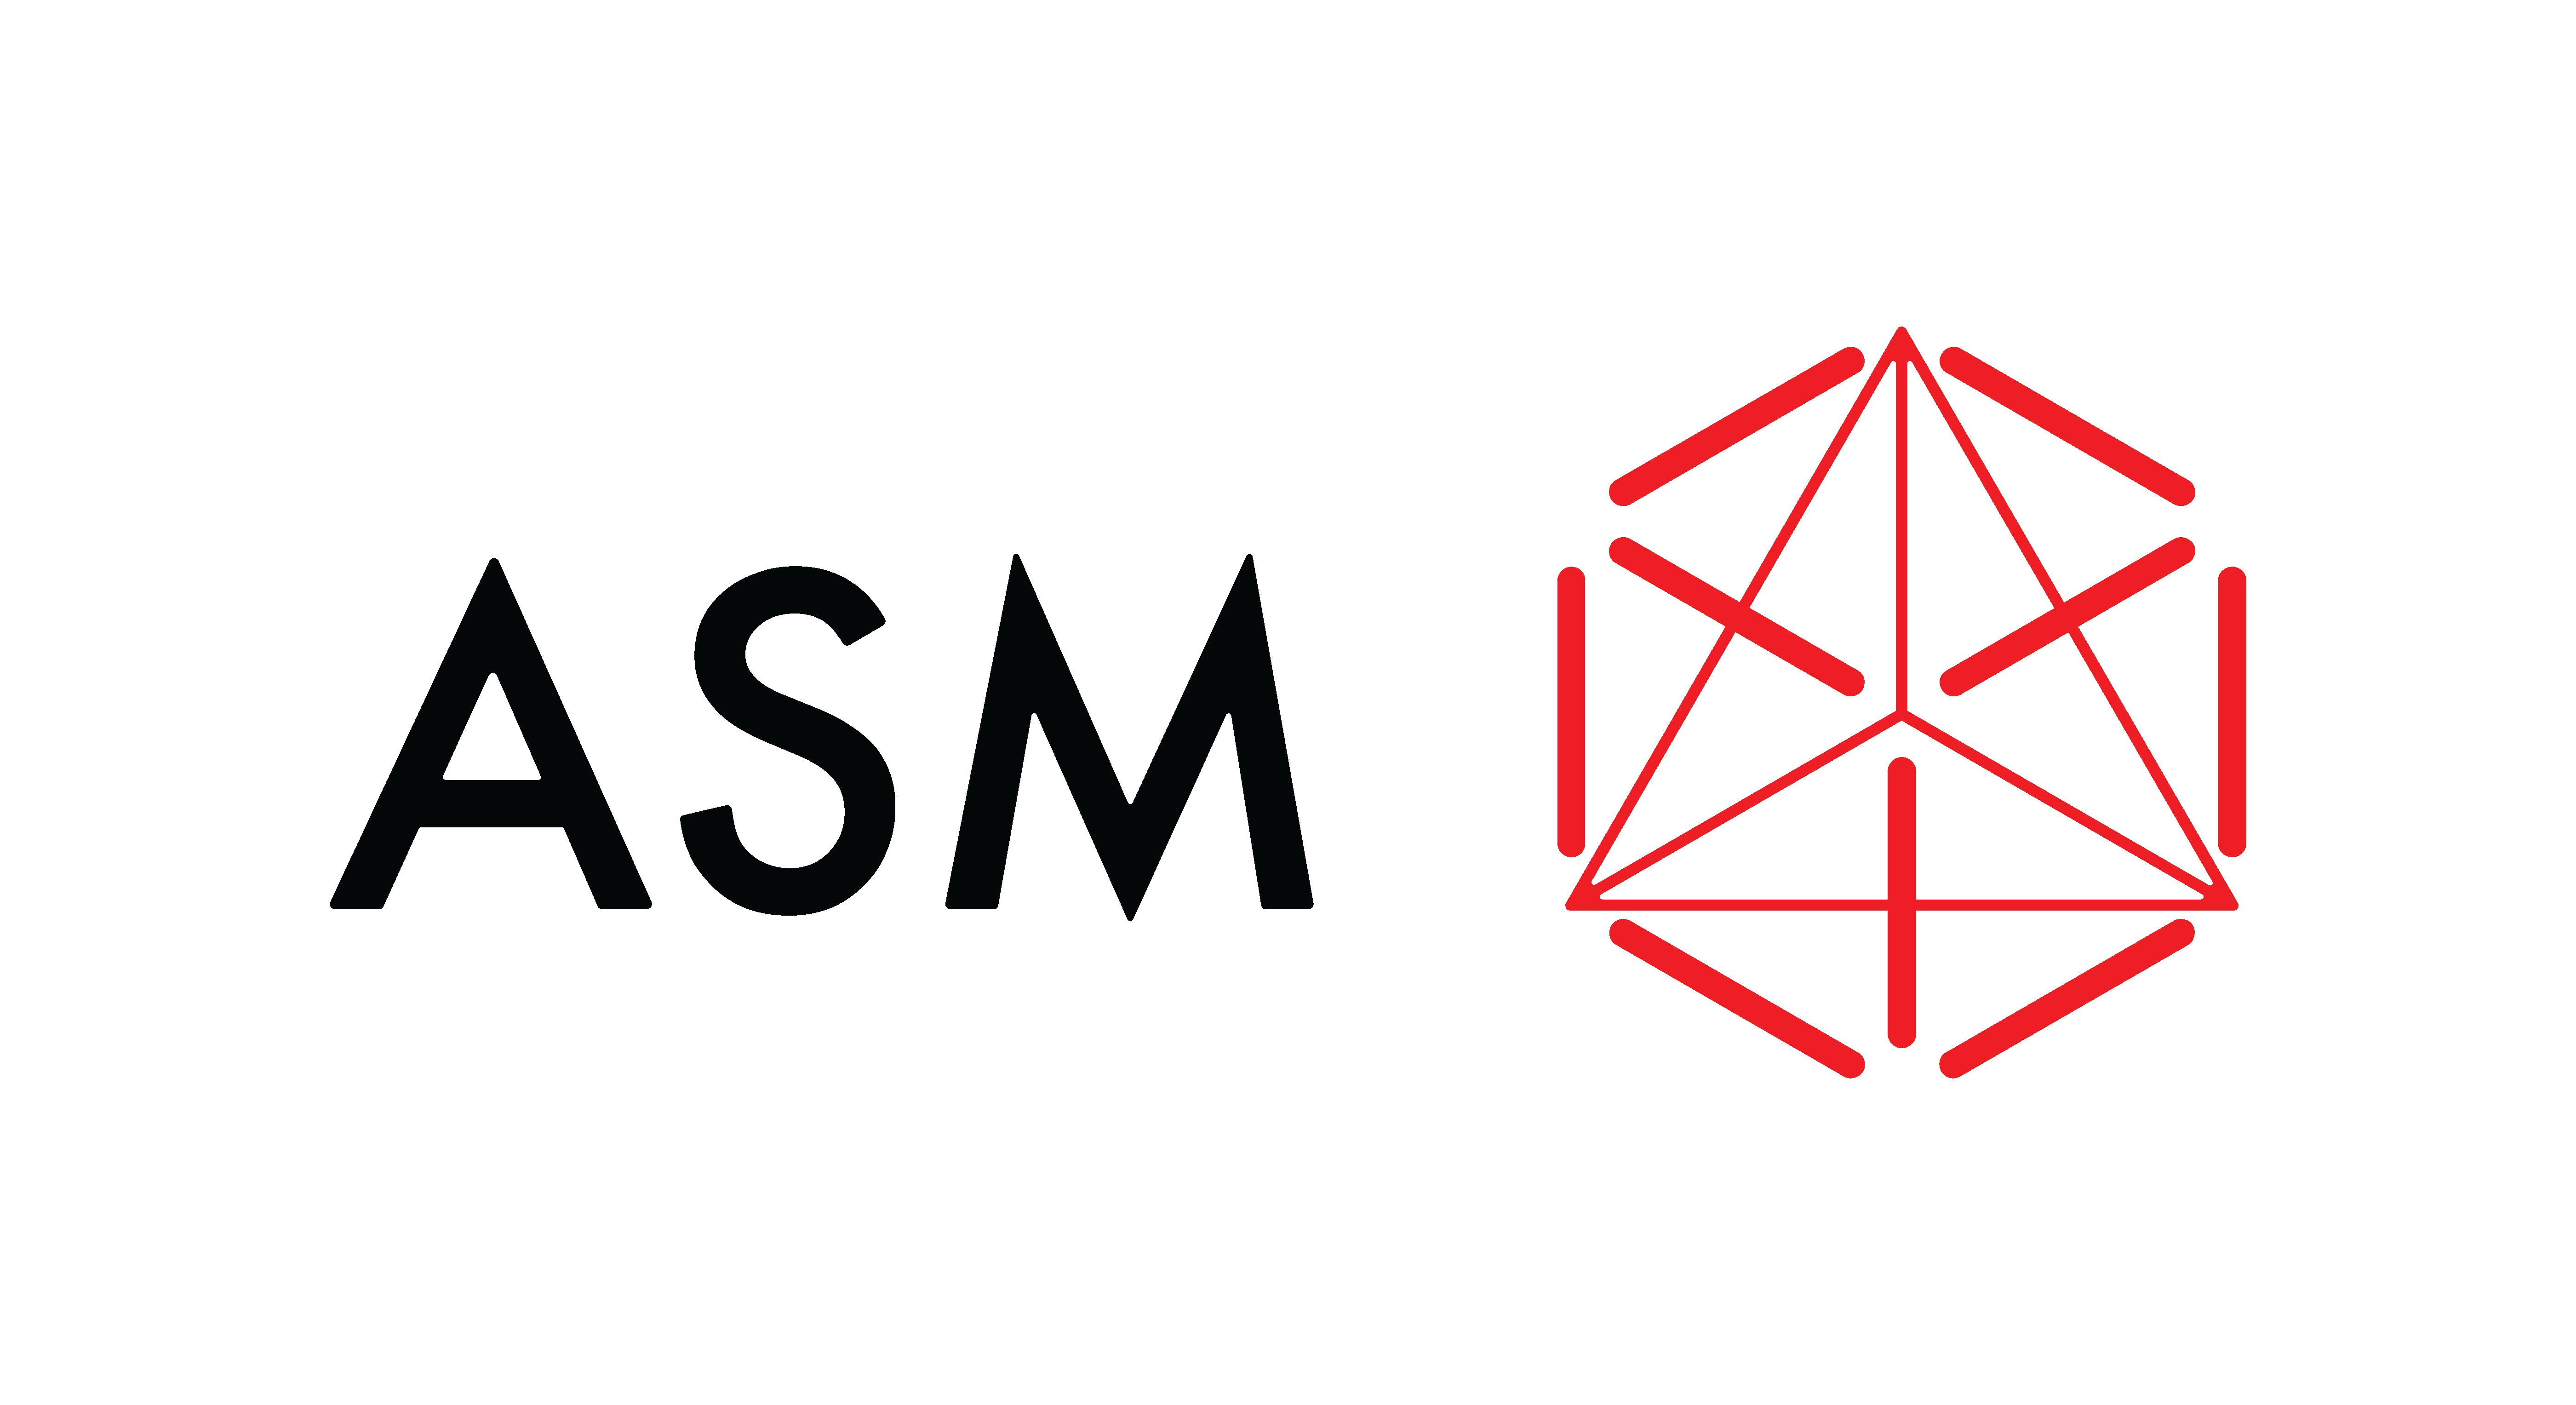 ASM_Logo.png (217 KB)